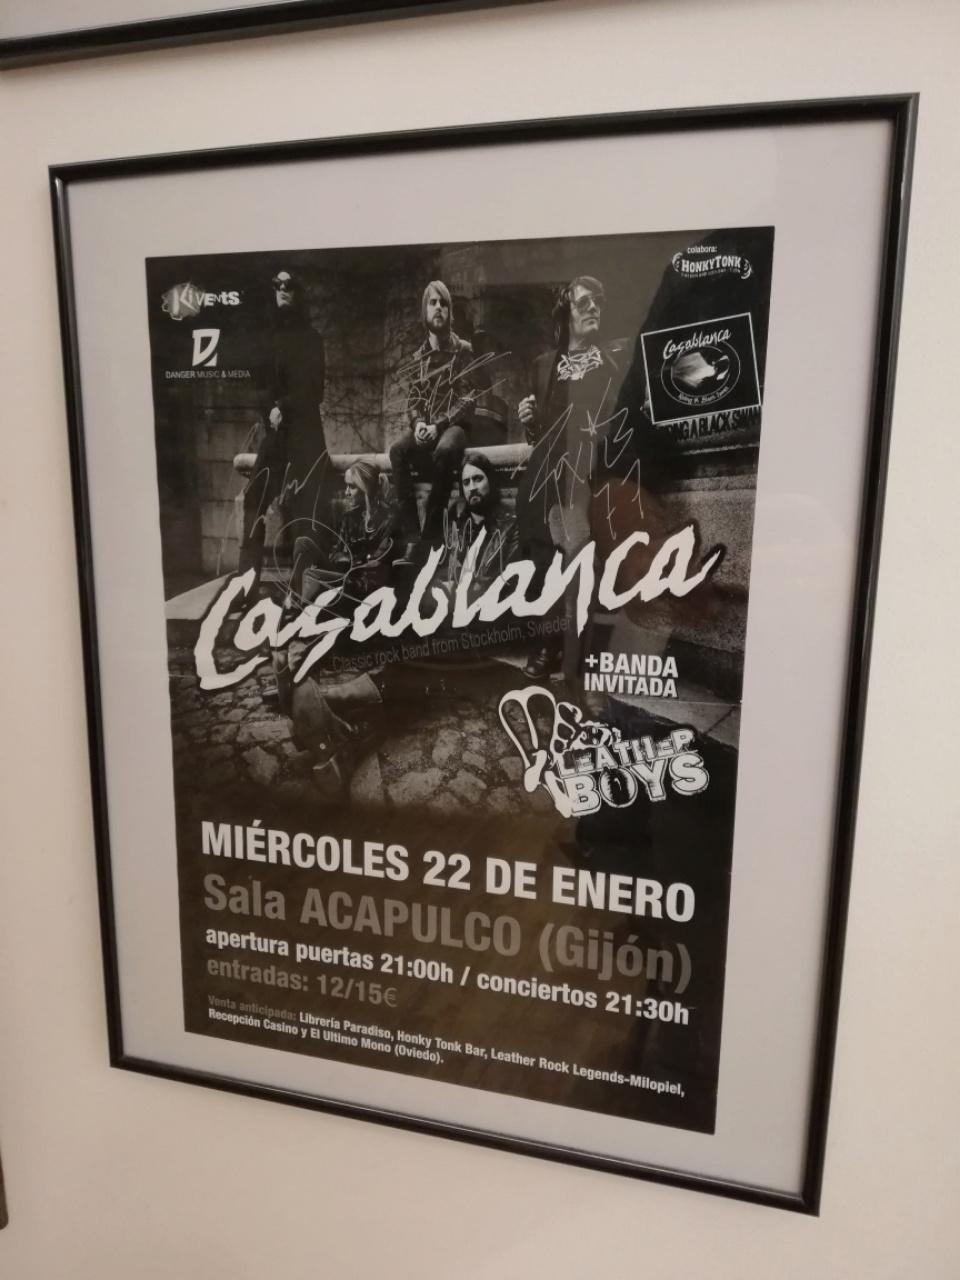 CASABLANCA - El grupo, no la película ni la ciudad ni el piso de Obama ni el trío de Madrid ni el sello discográfico - Página 8 Img_2012